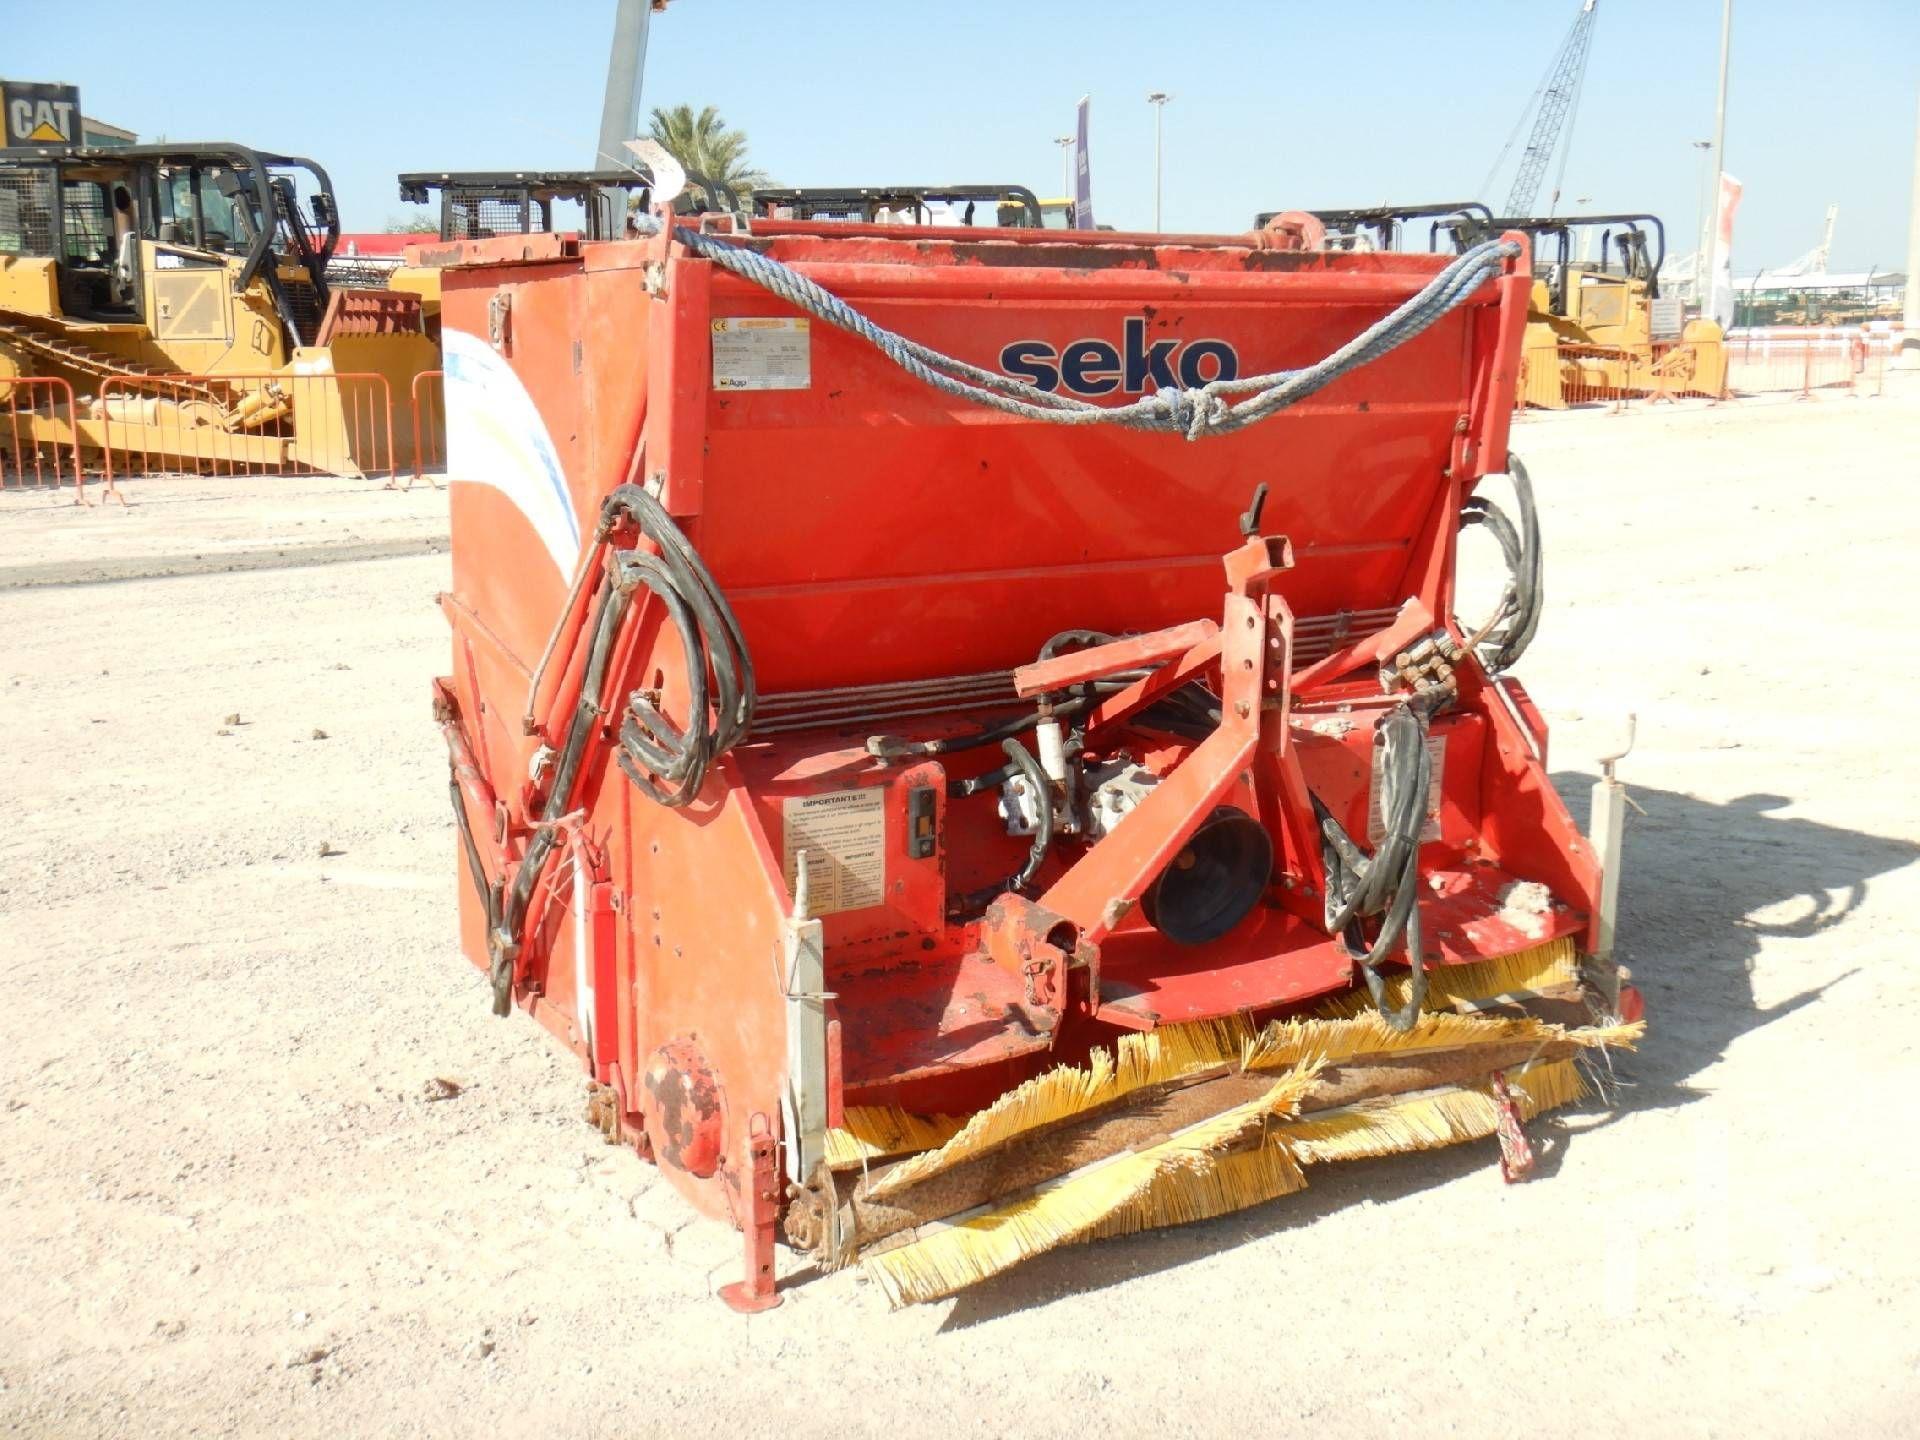 2002 SEKO BM 27S1 3 Pt Anhängerkupplung Rasenfräse Landmaschinen - andere